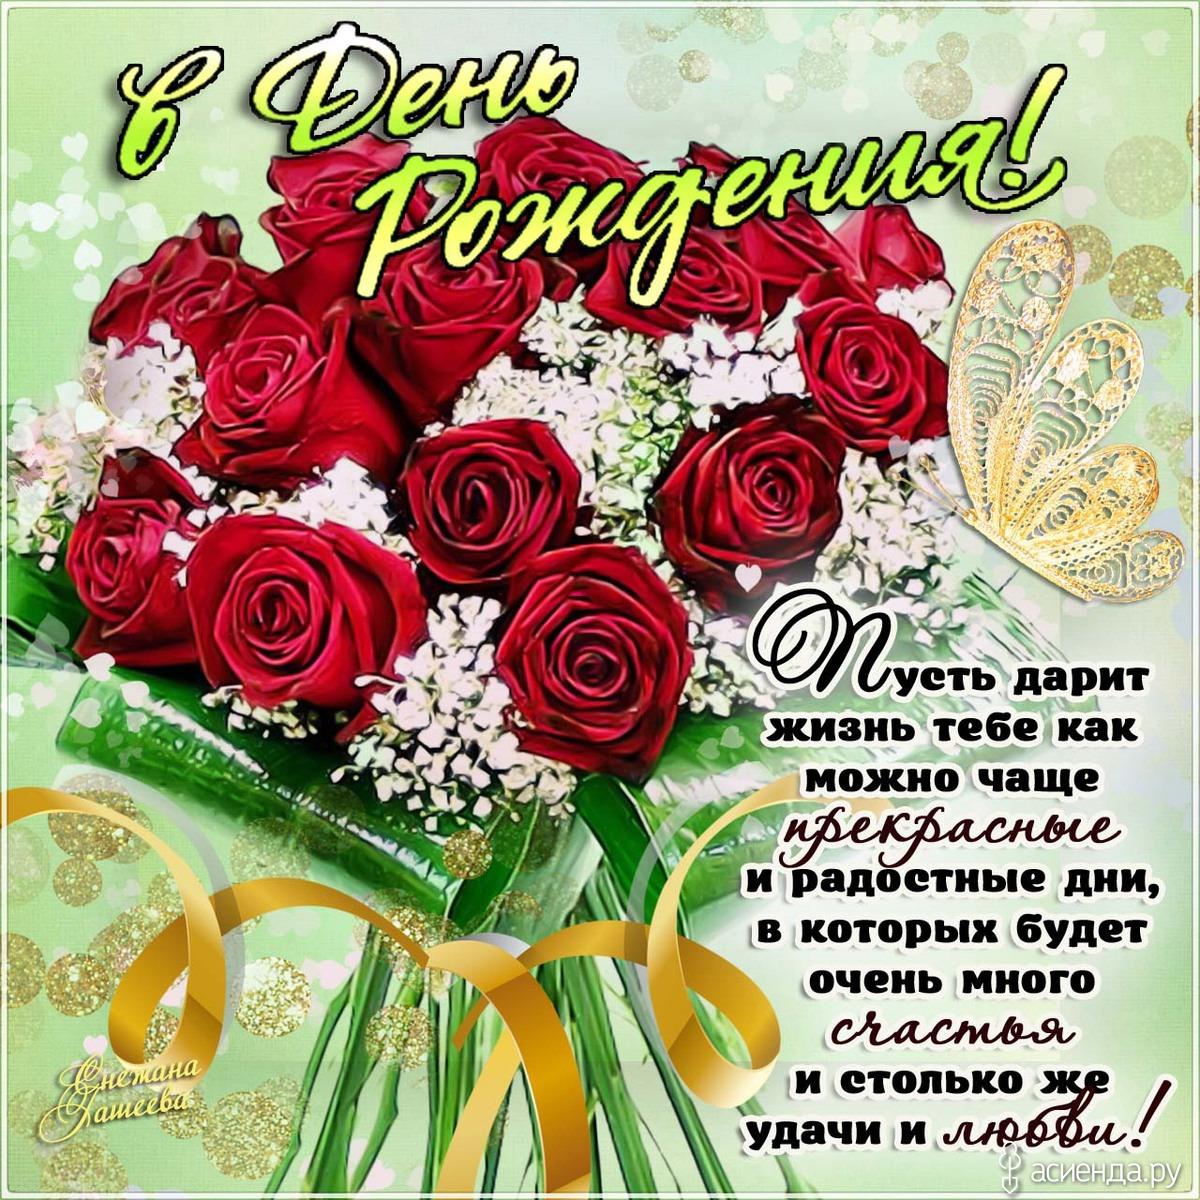 Поздравления с днем рождения для садовода и огородника